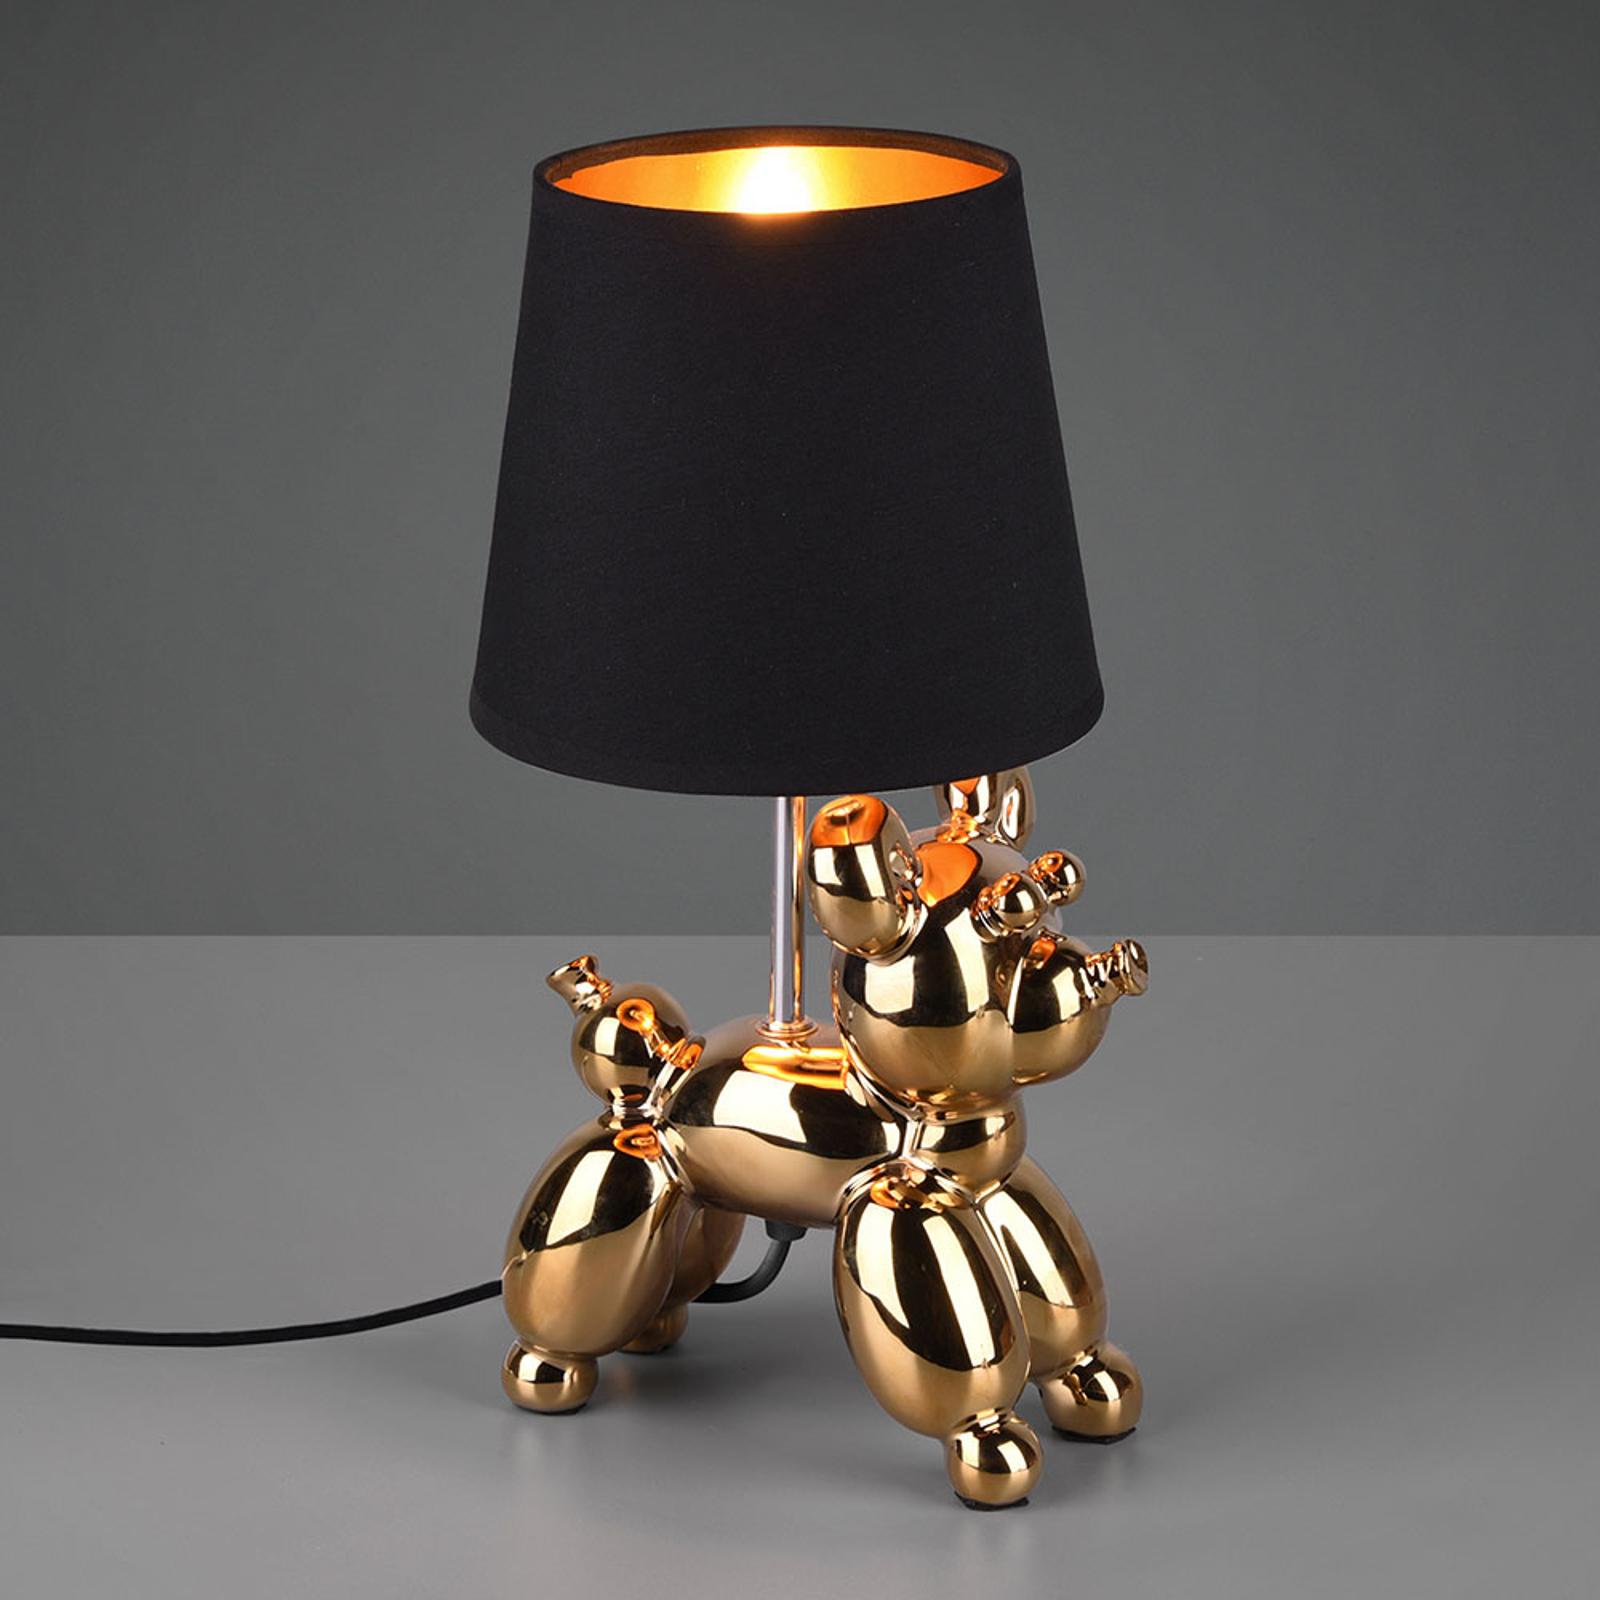 Tafellamp Bello met hond-figuur, zwart/goud